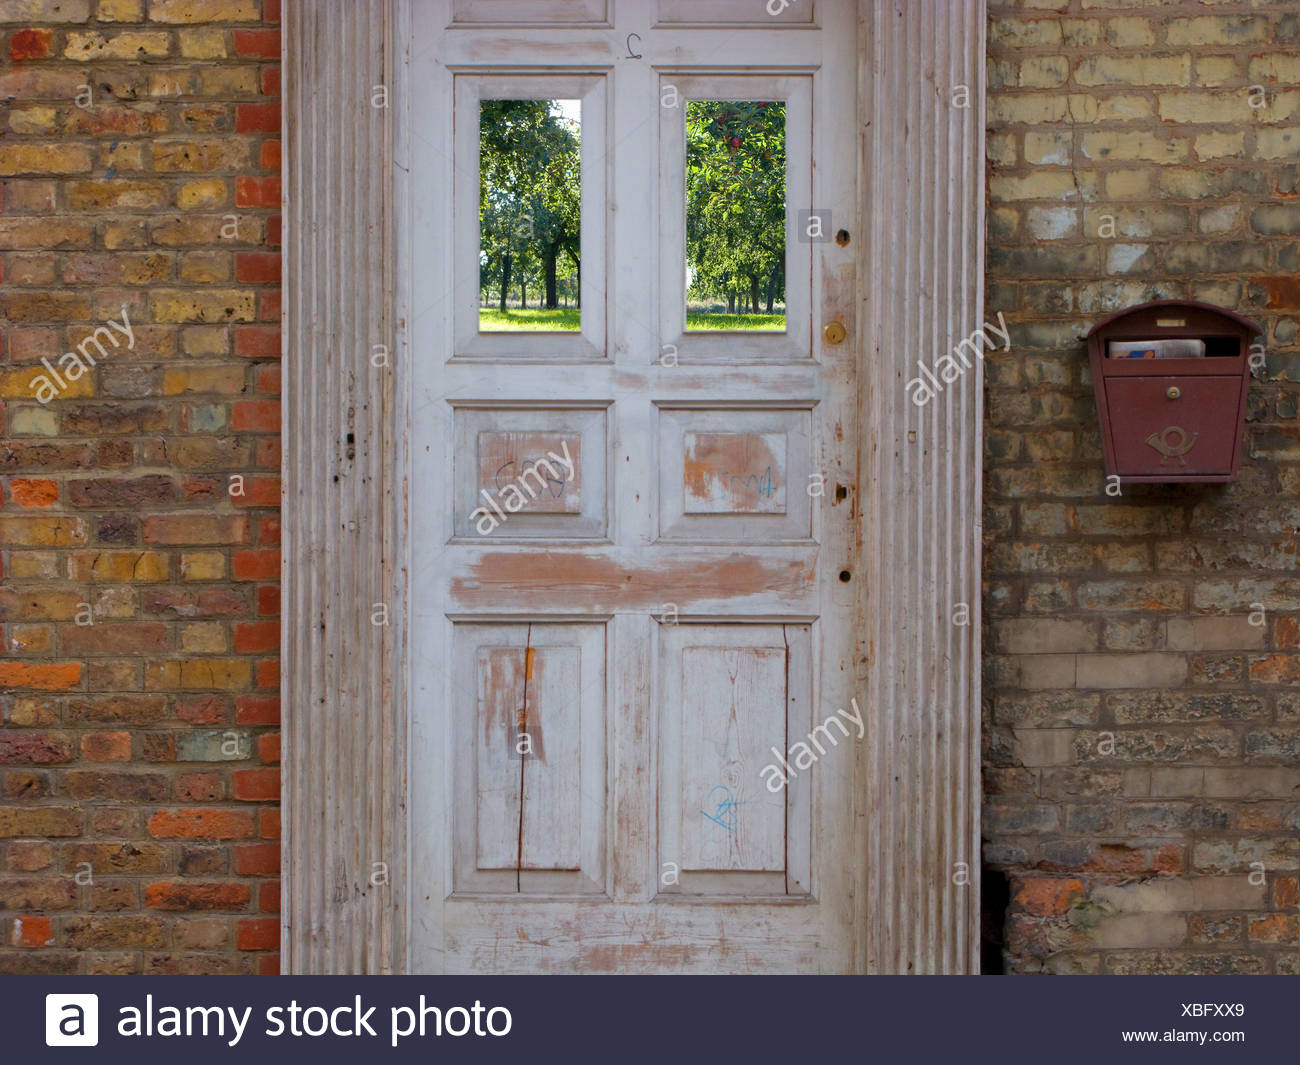 Antigua casa de ladrillo y puerta Imagen De Stock